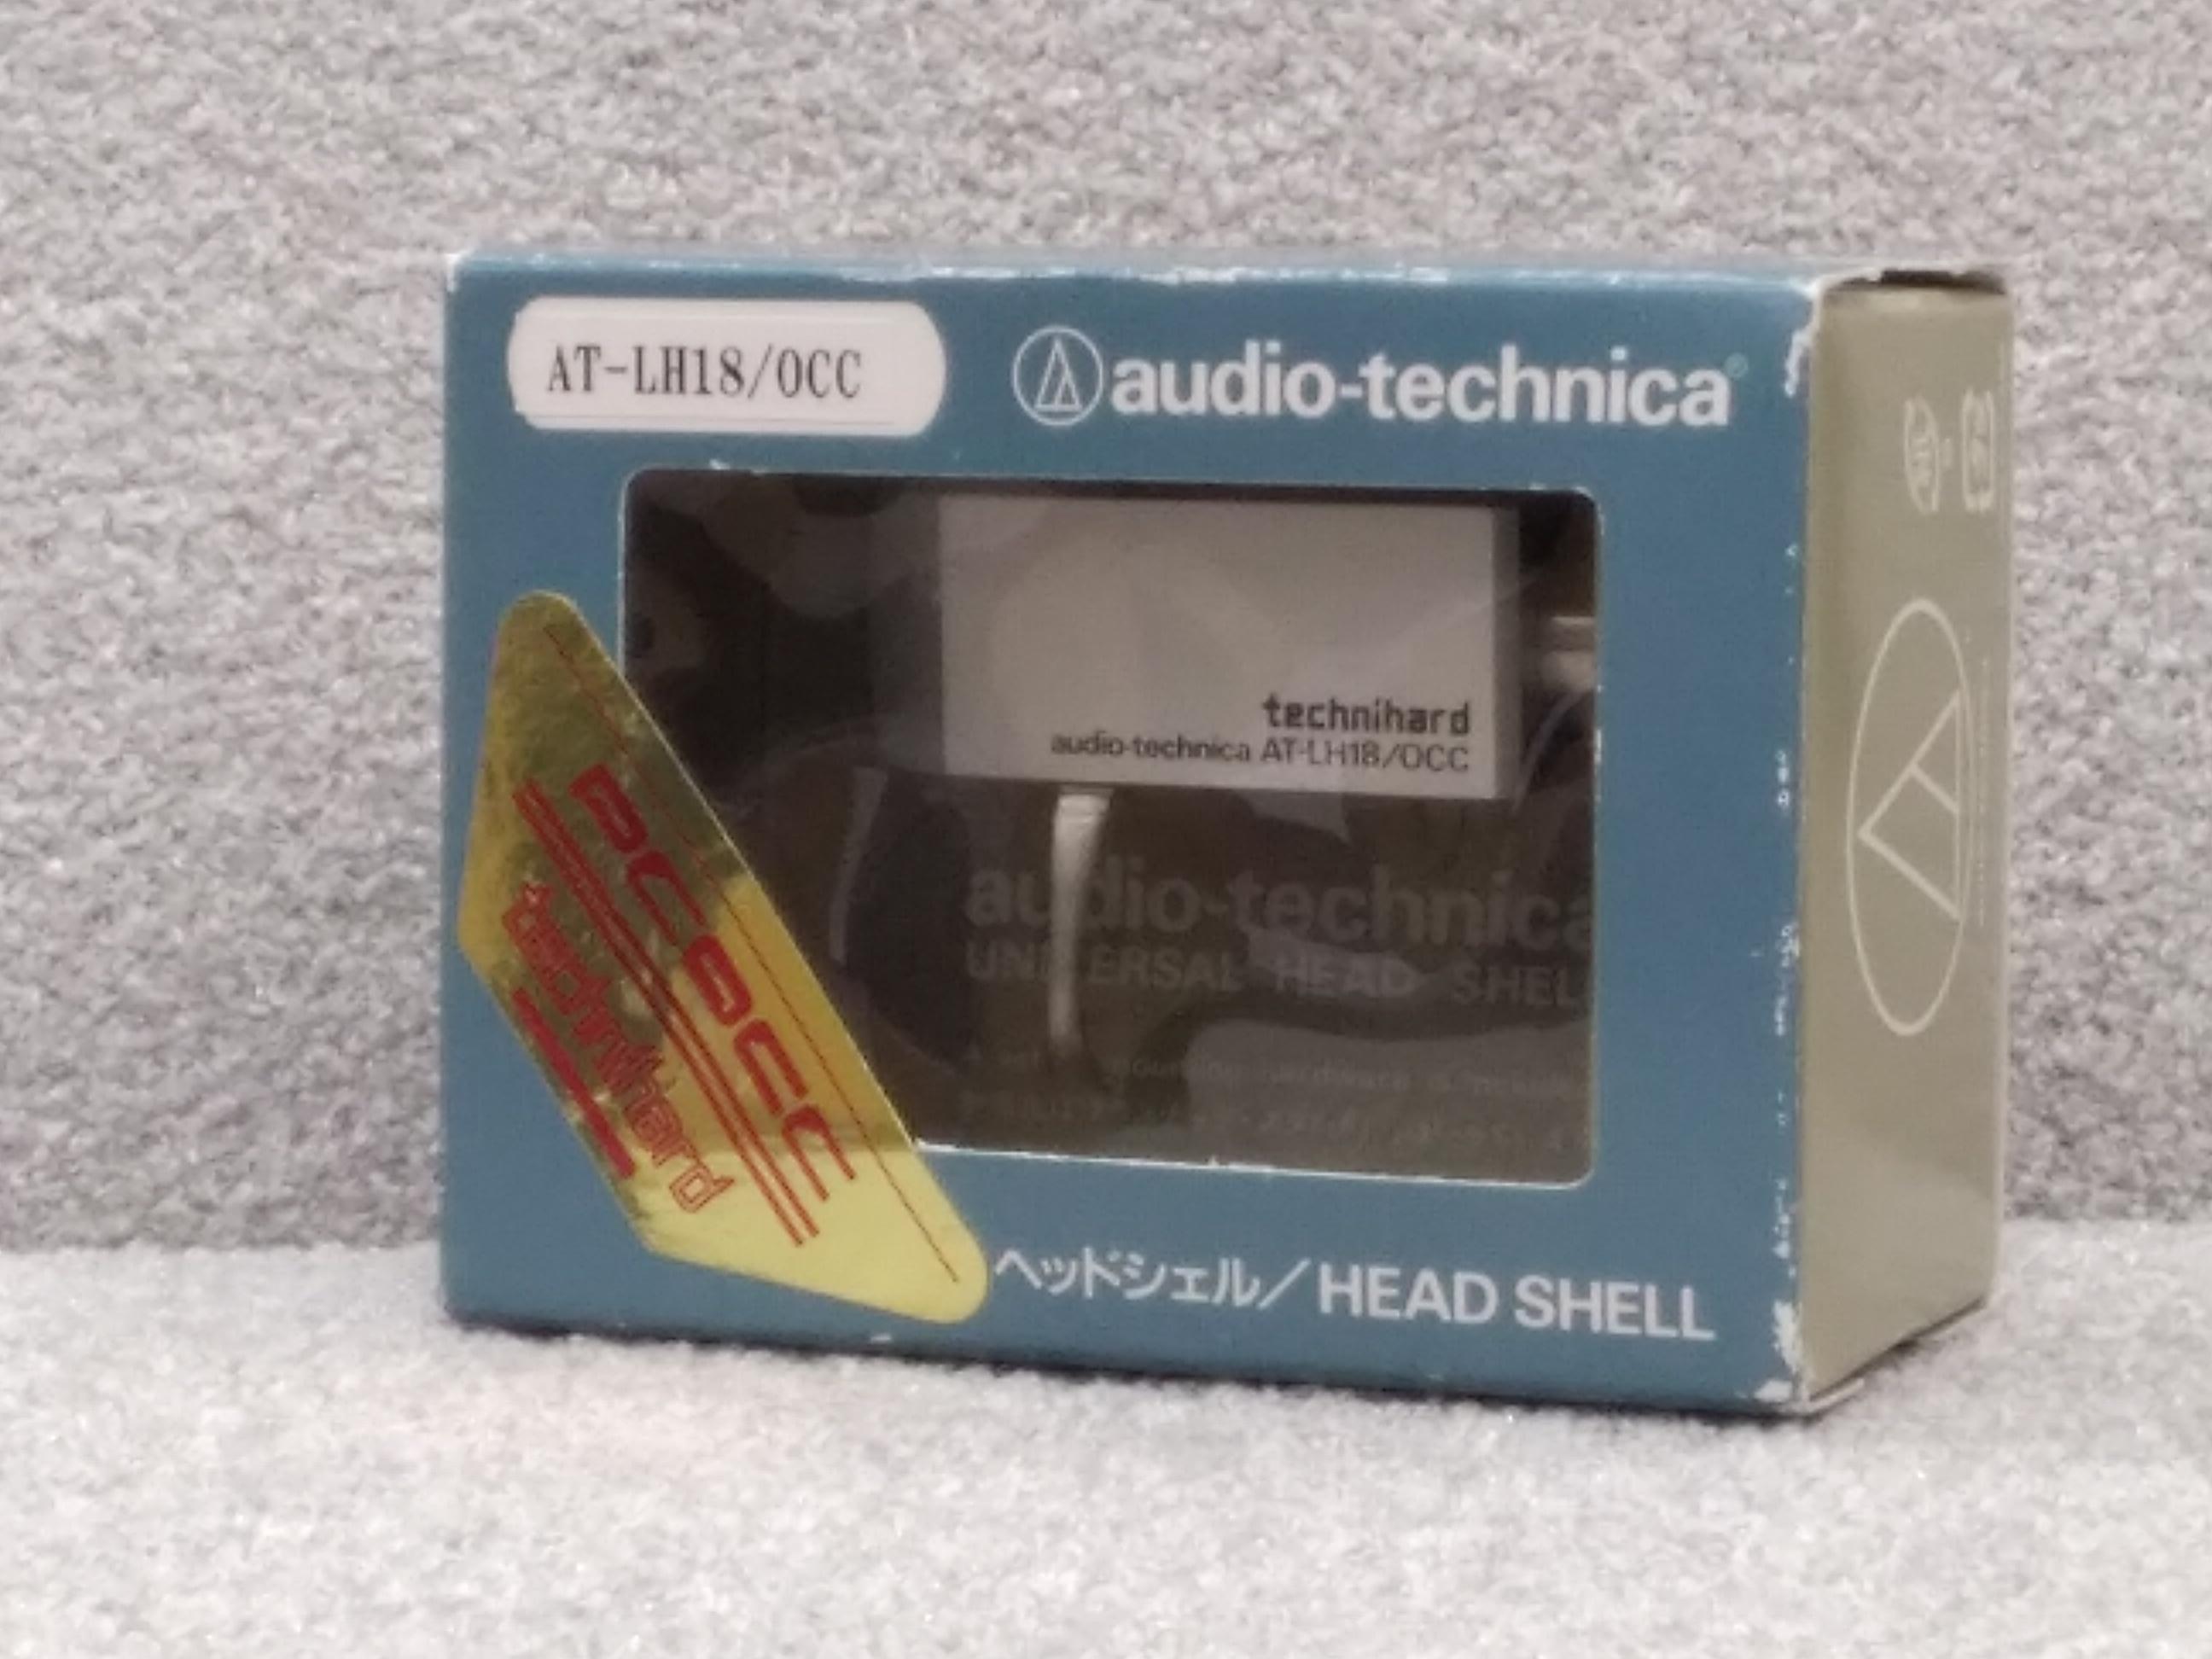 高音速超硬質素材テクニハード採用ヘッドシェル AUDIO-TECHNICA